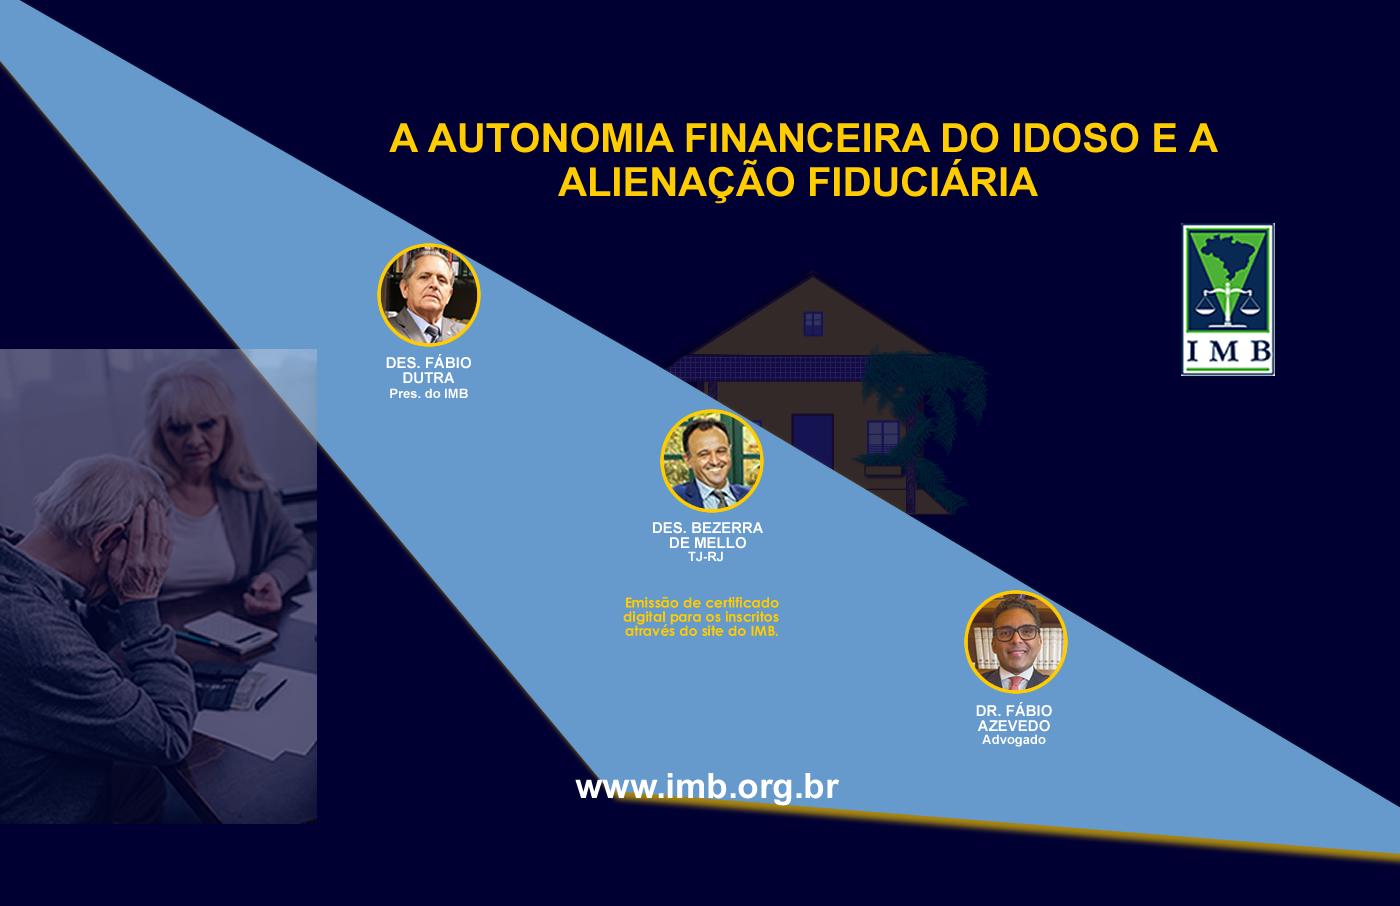 A AUTONOMIA FINANCEIRA DO IDOSO E A ALIENAÇÃO FIDUCIÁRIA